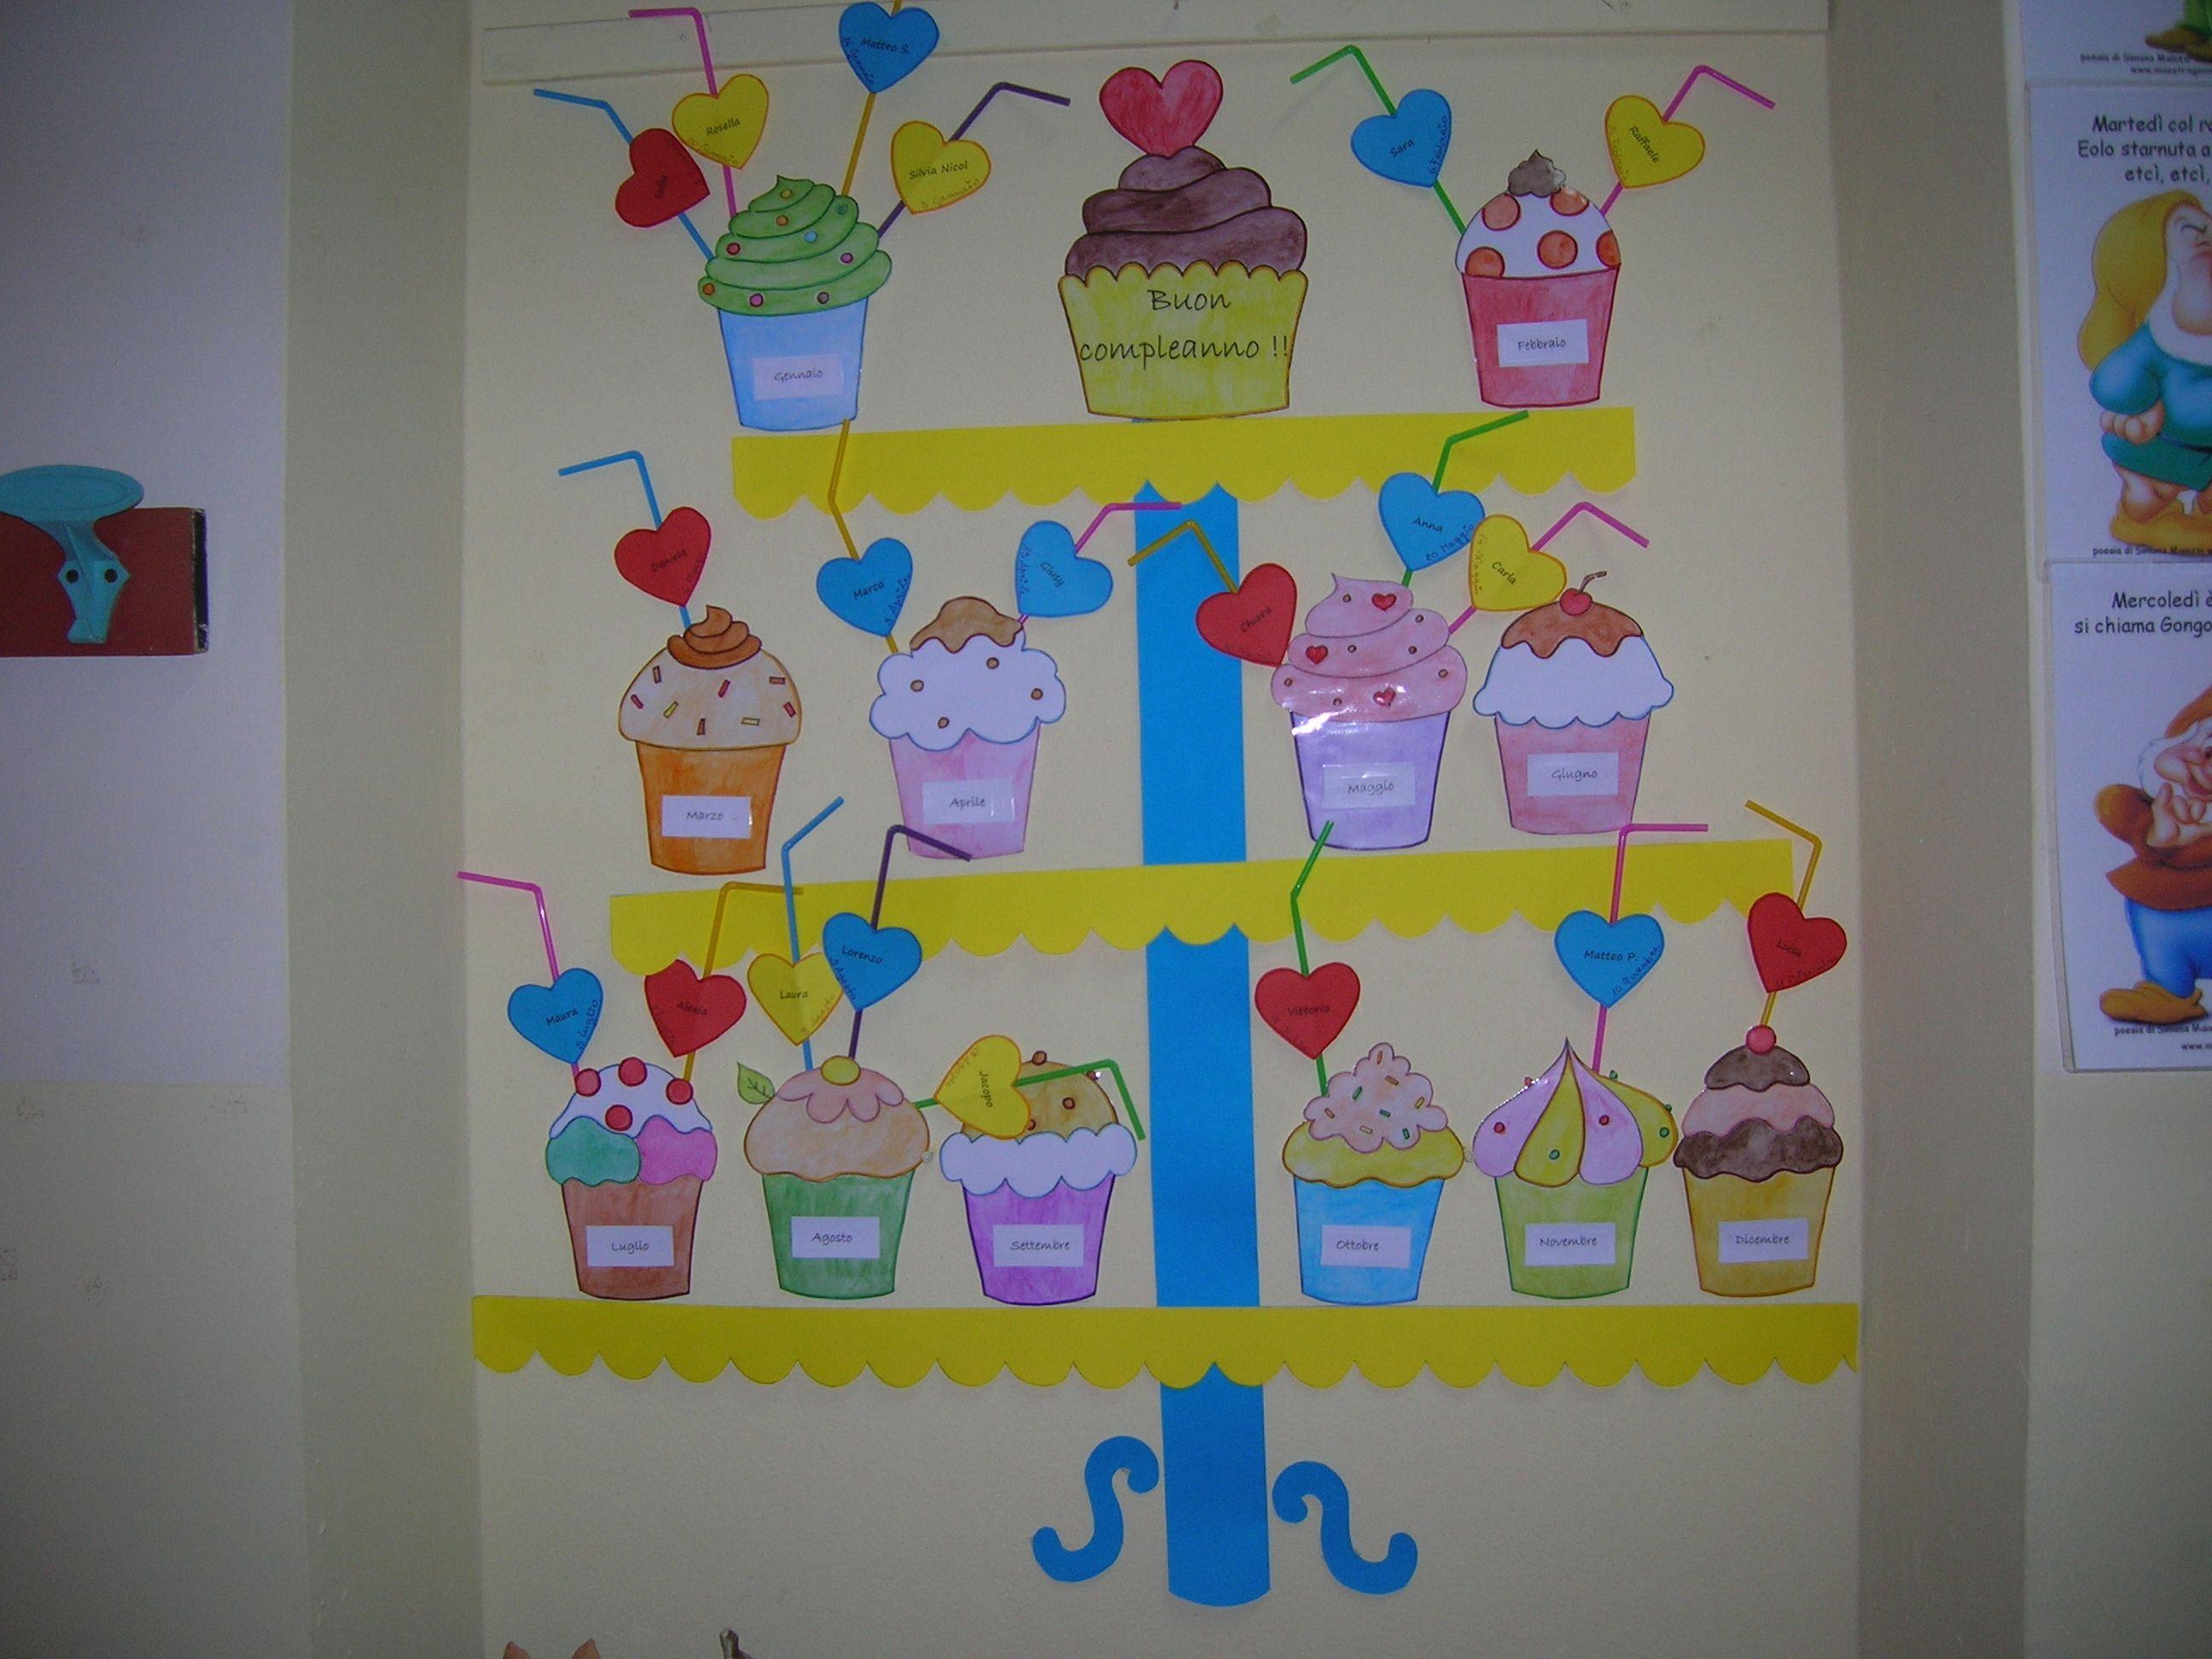 Cartellone dei compleanni nella mia scuola dell 39 infanzia for Cartelloni scuola infanzia